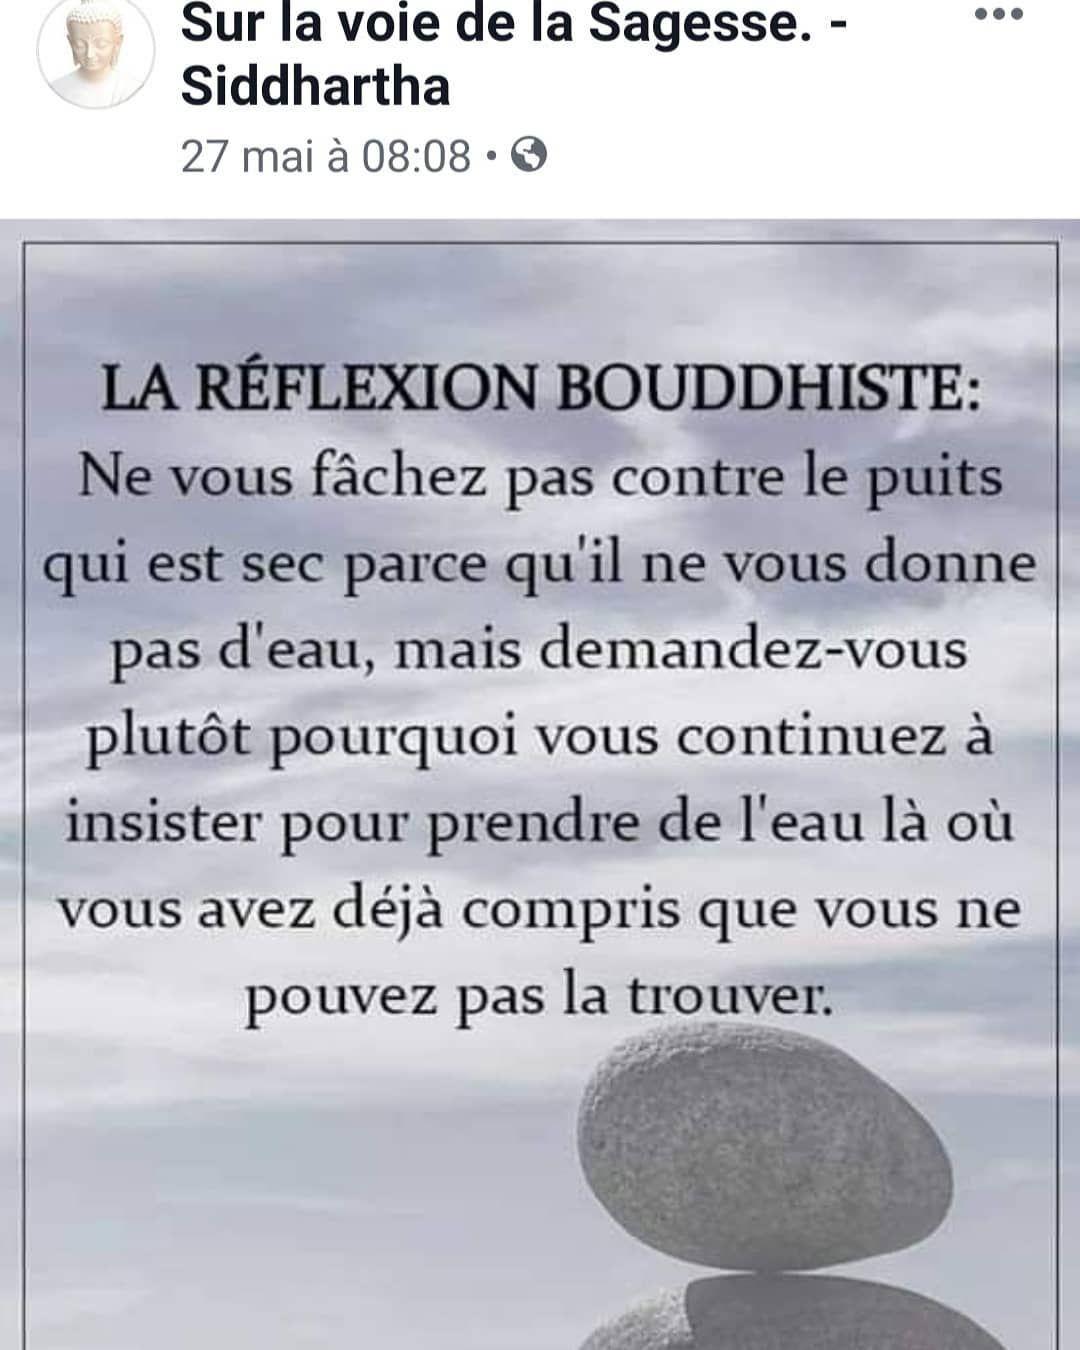 Telechargez Votre Livre Gratuit Pour Apprendre A Mediter Chakra Bouddha Bouddhisme Zen Zenattitude Spiritualit Citation Sagesse Citation Phrase Citation